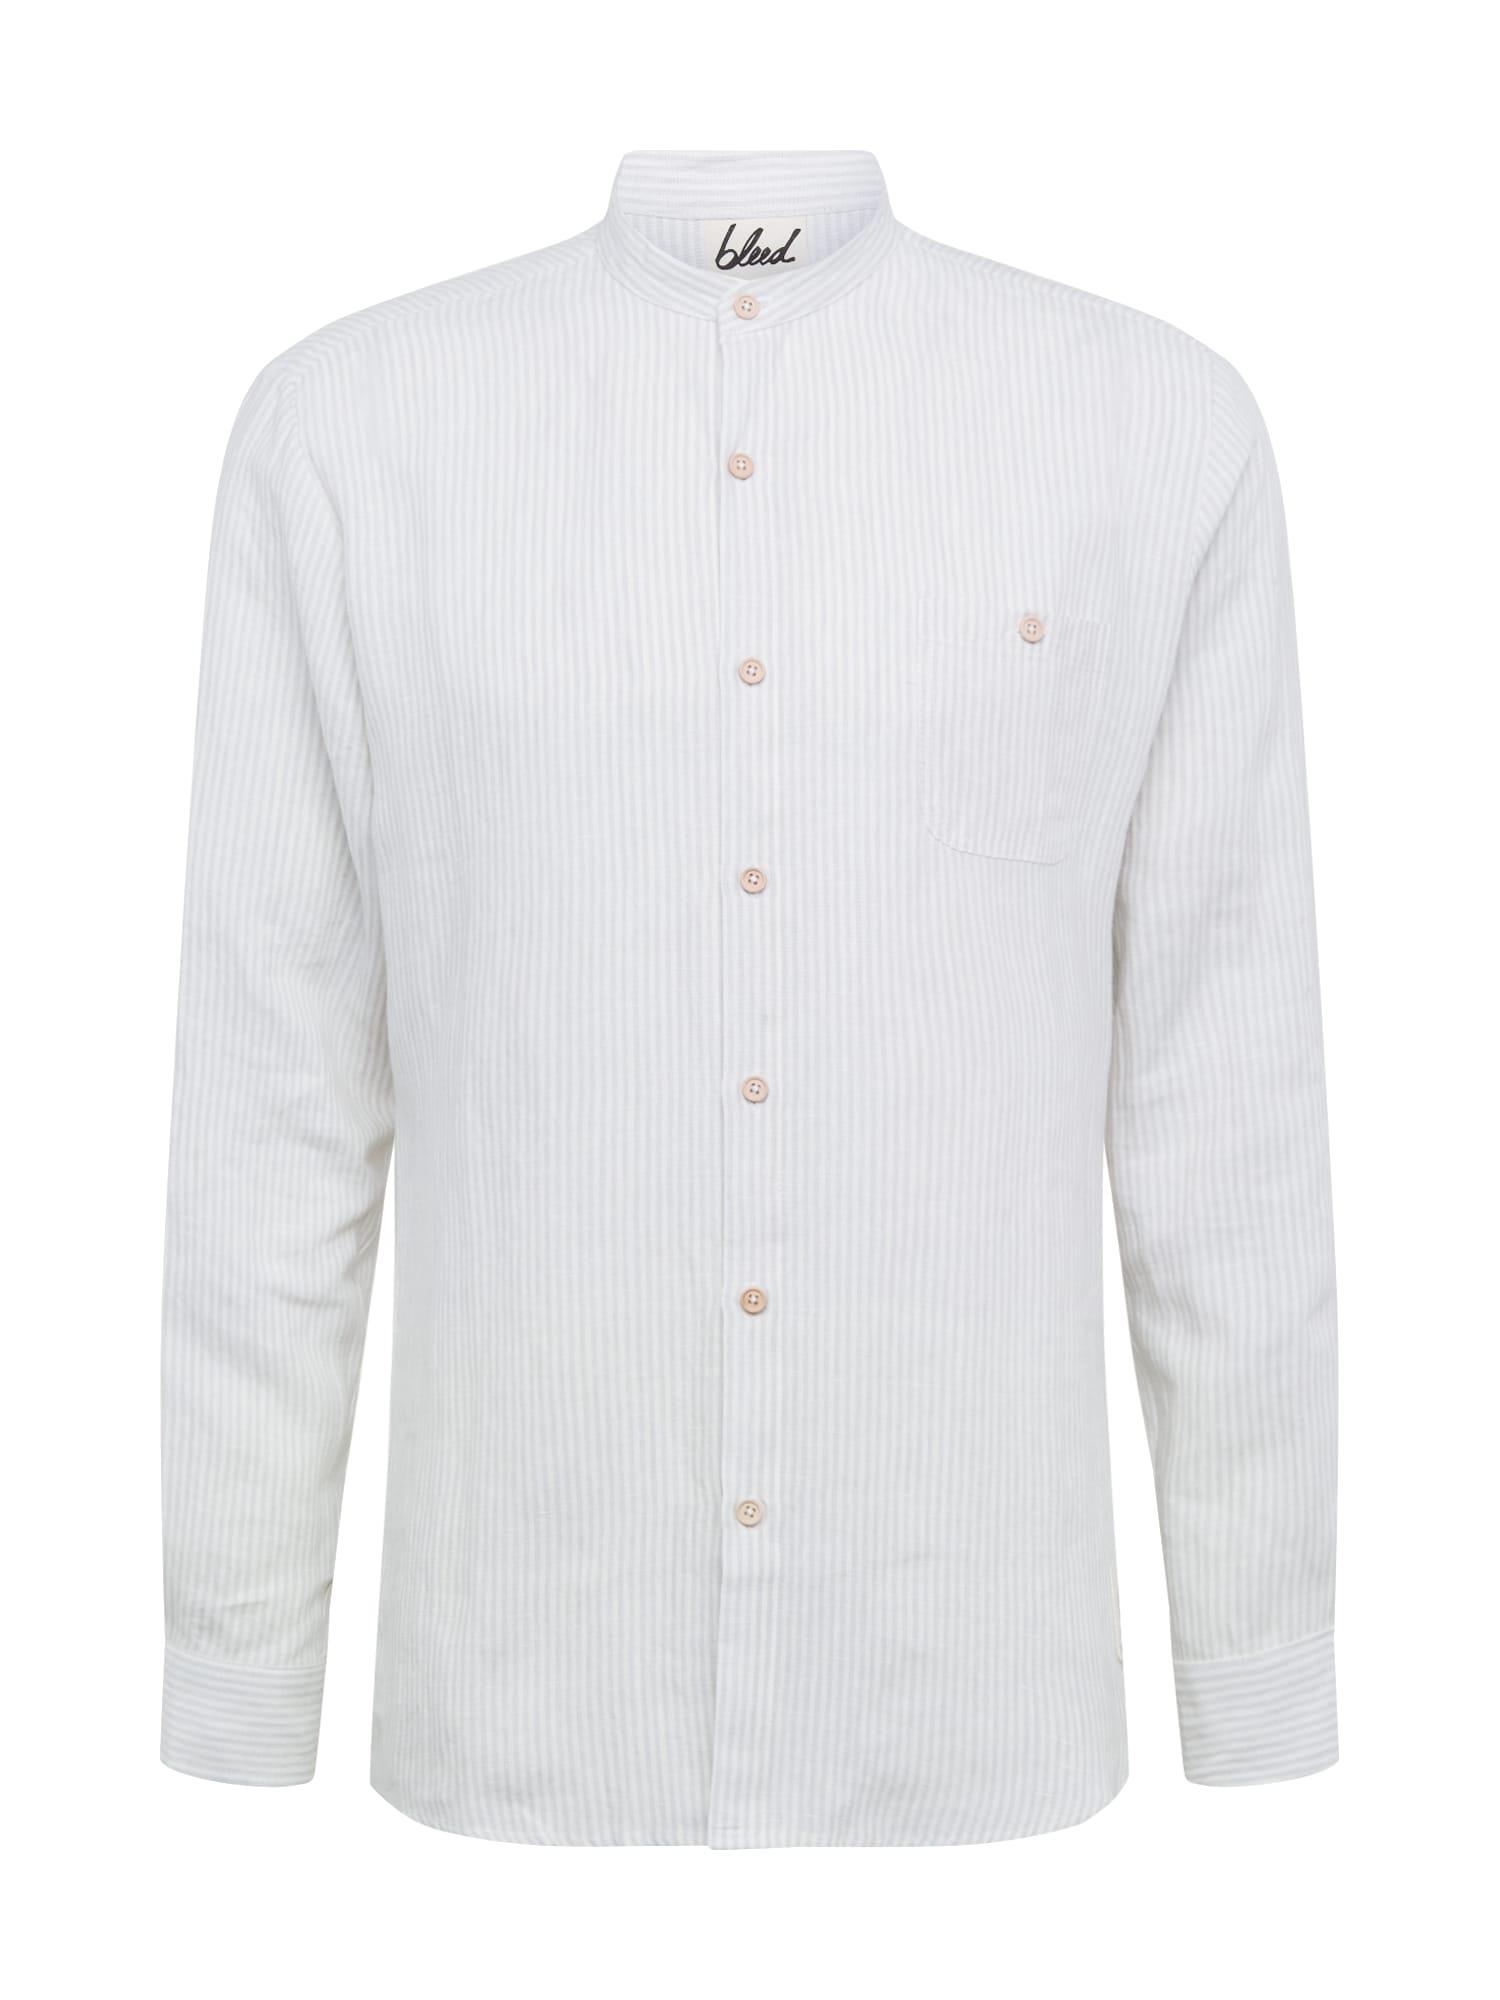 bleed clothing Dalykiniai marškiniai 'Schawola' balta / pilka